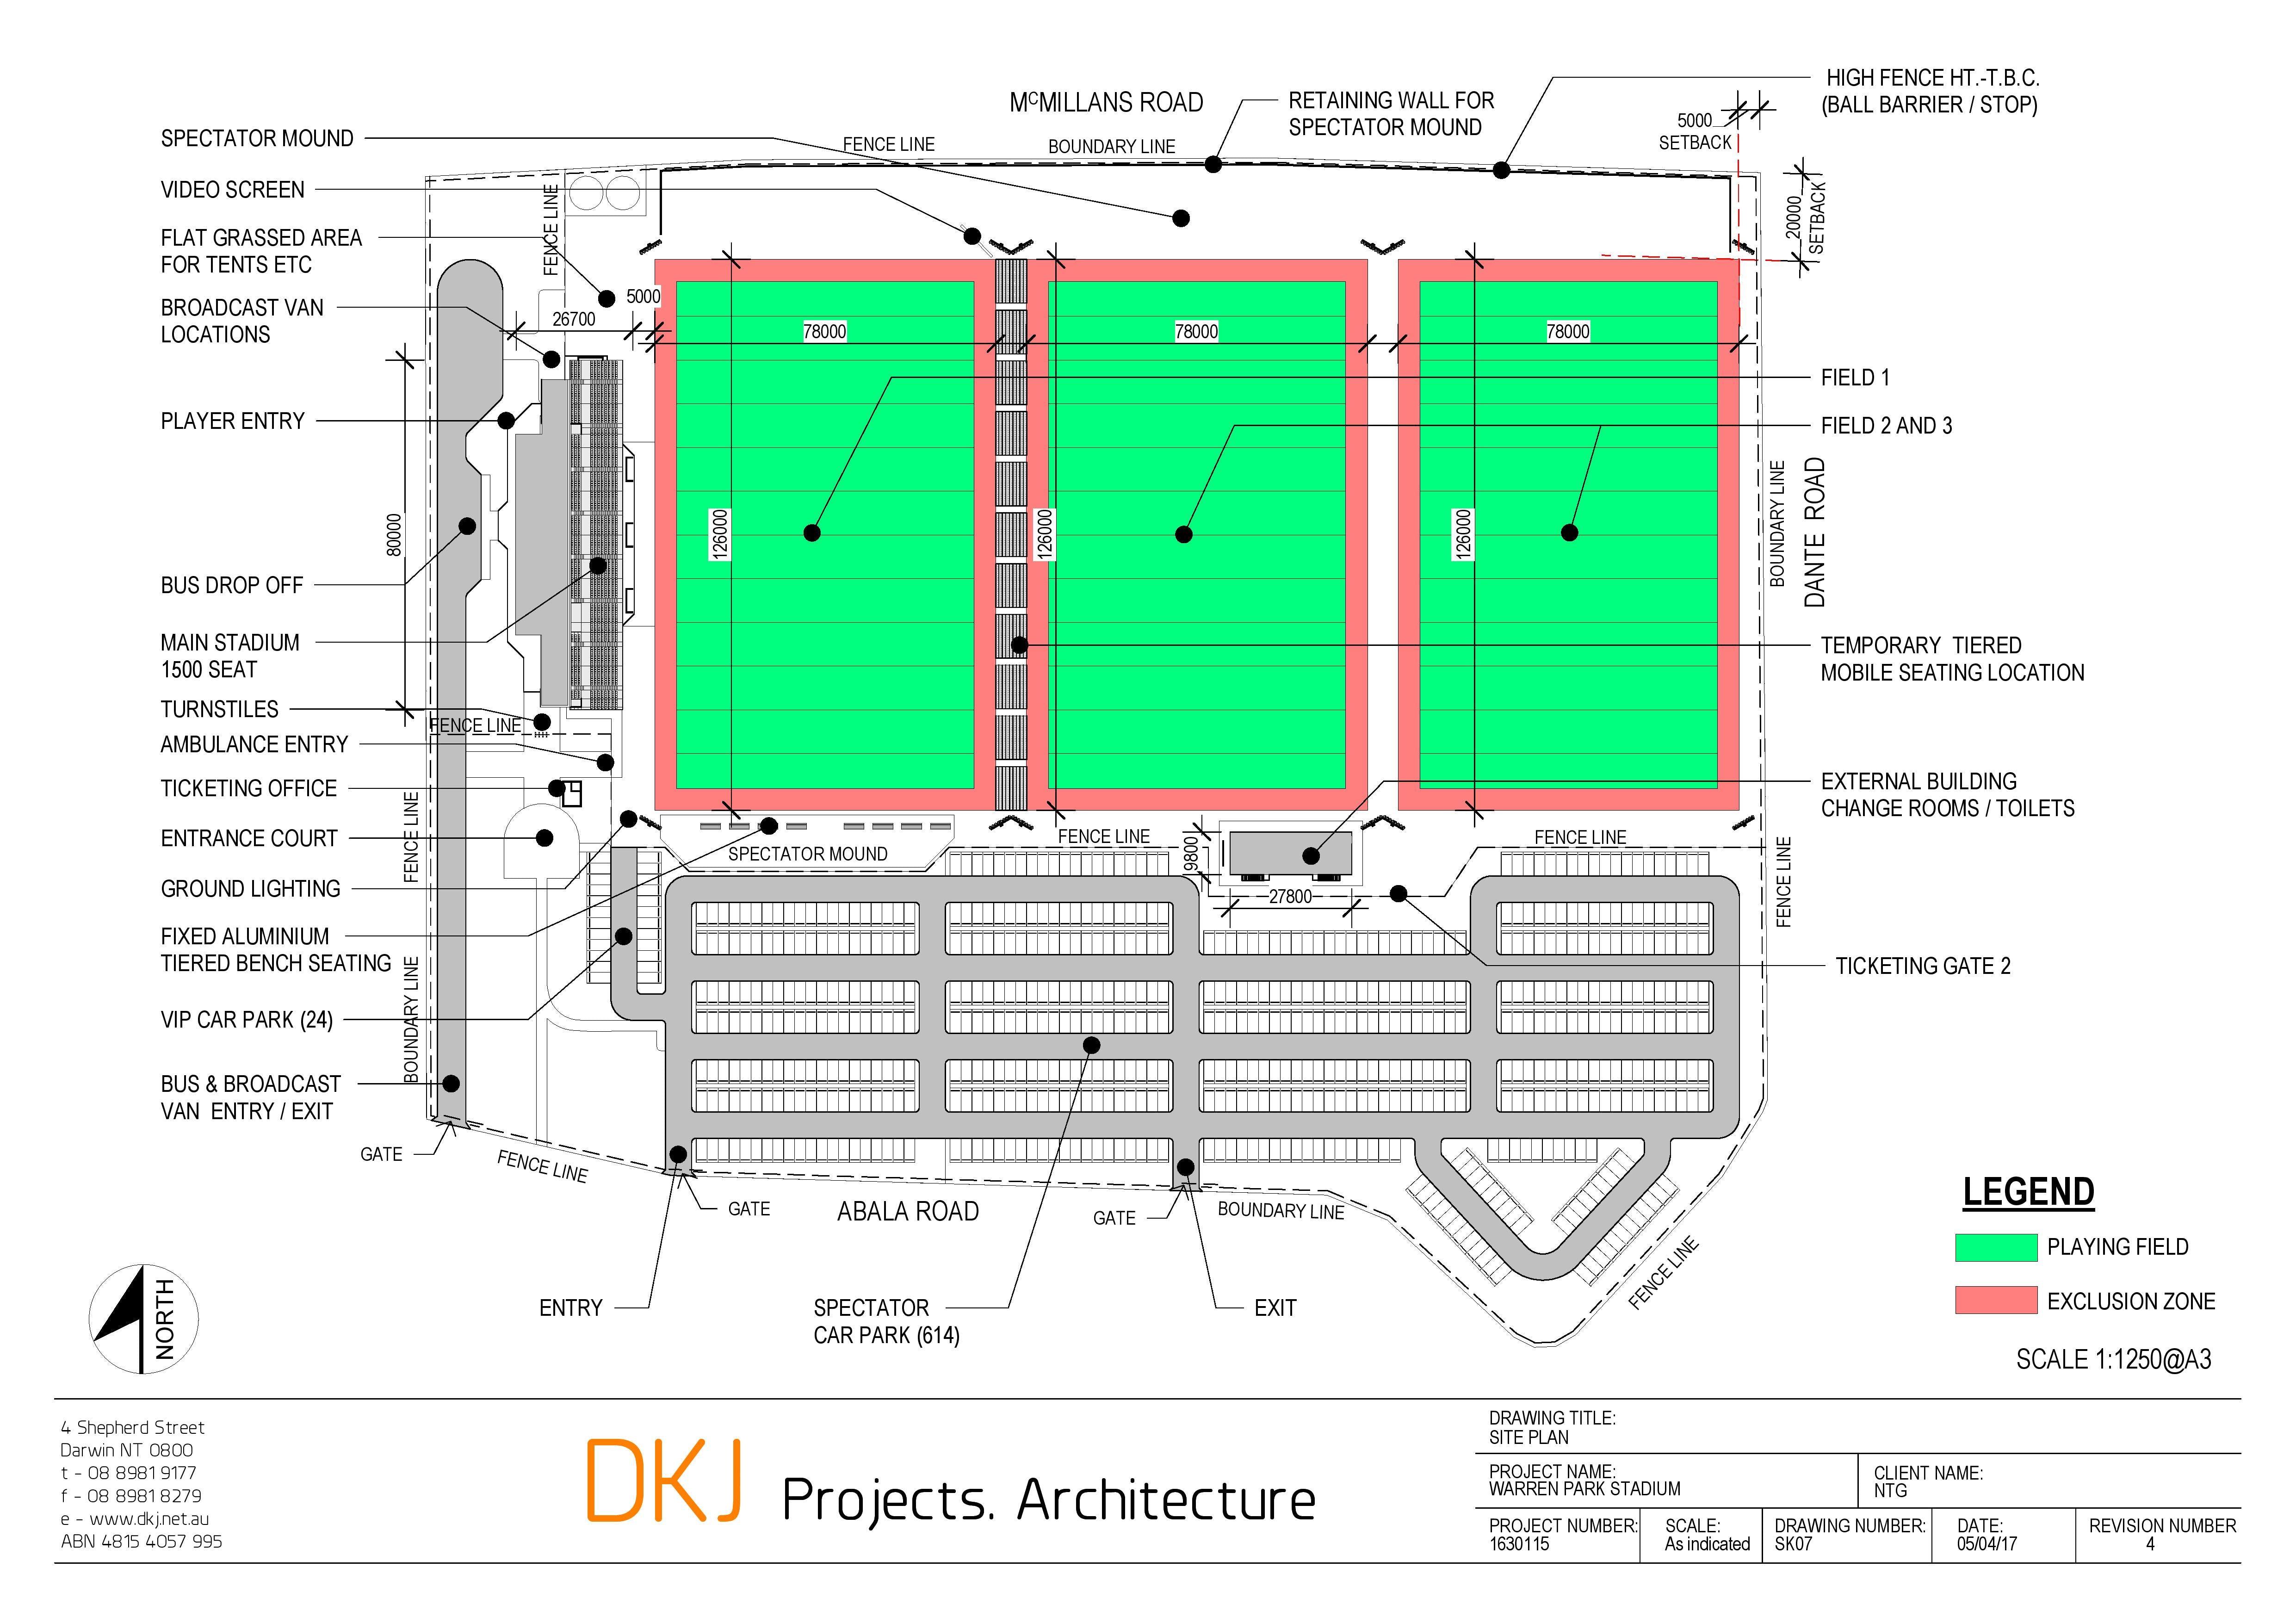 Warren Park Site Plan